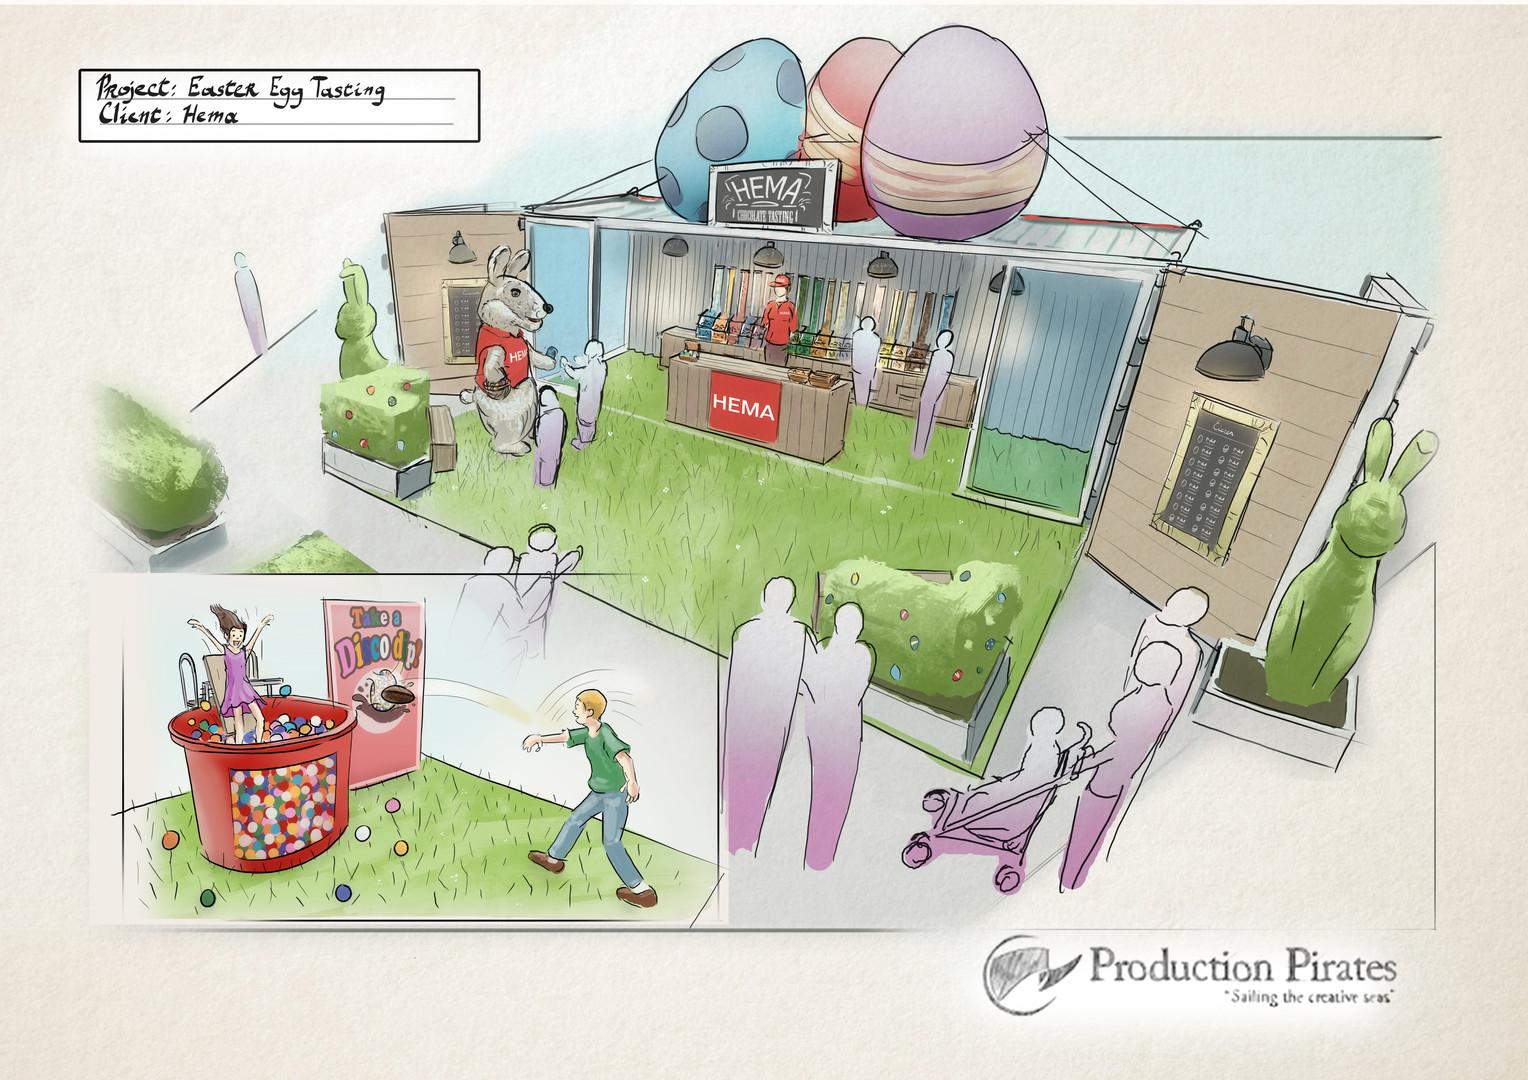 pp - easter egg tasting hema concept.jpg